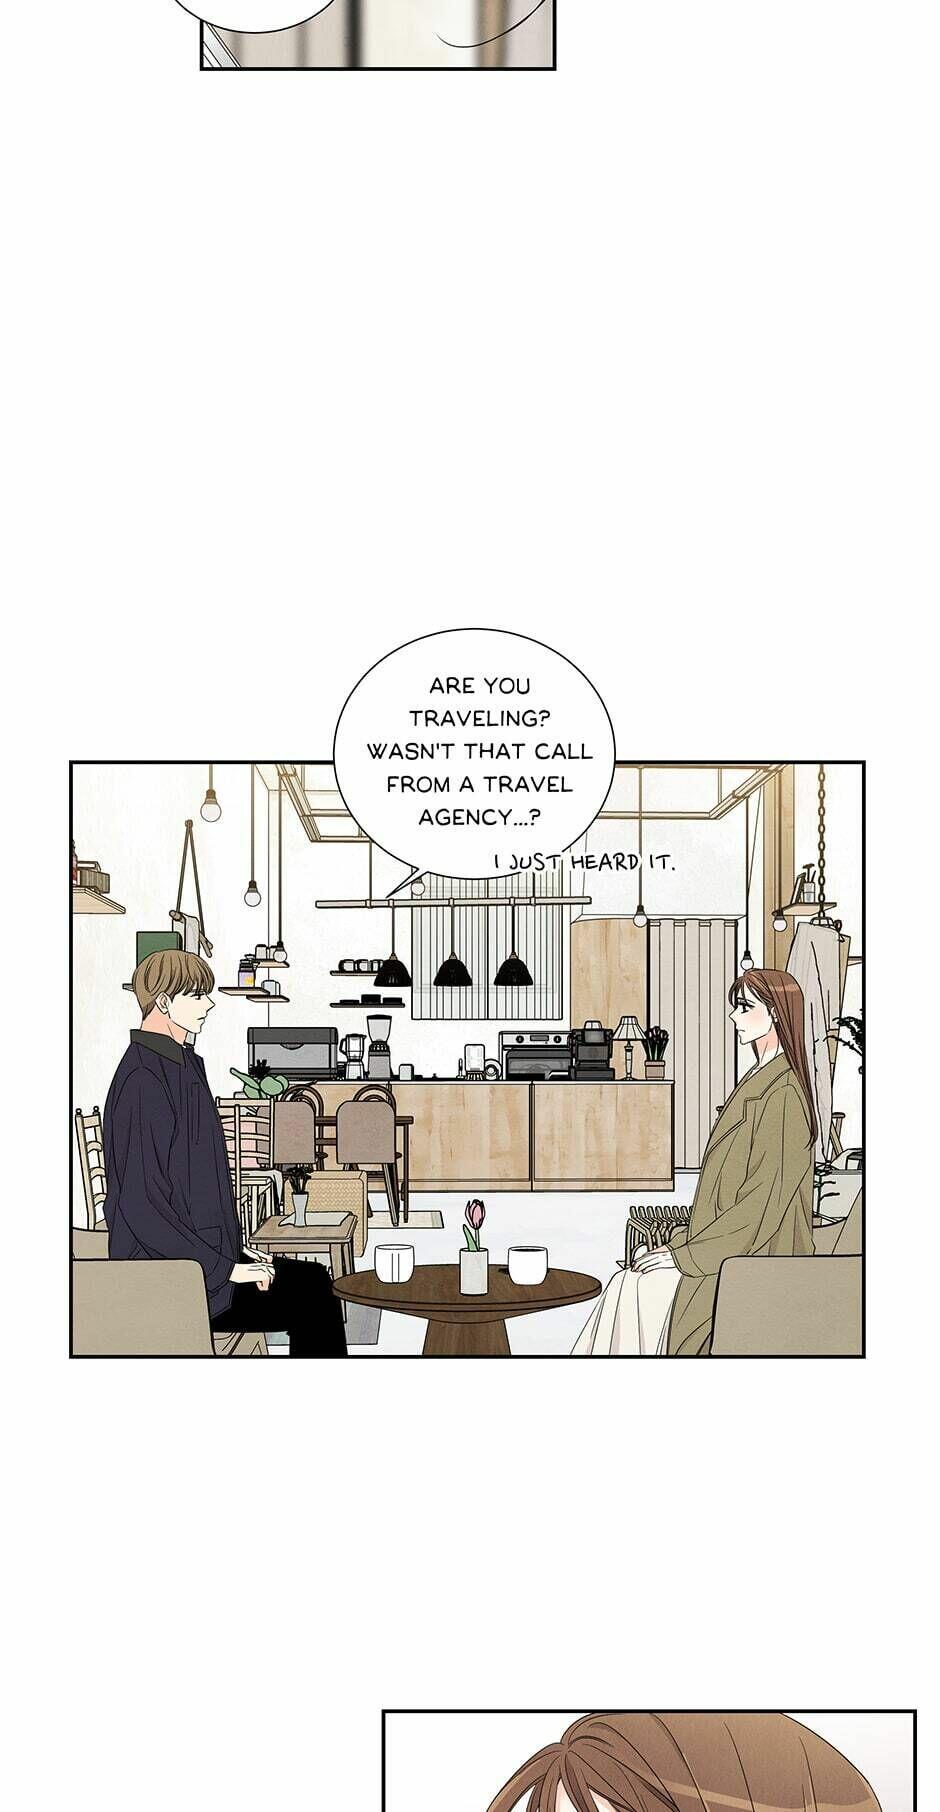 I Want To Do It, Even If It Hurtsa Chapter 56 page 43 - Mangakakalots.com